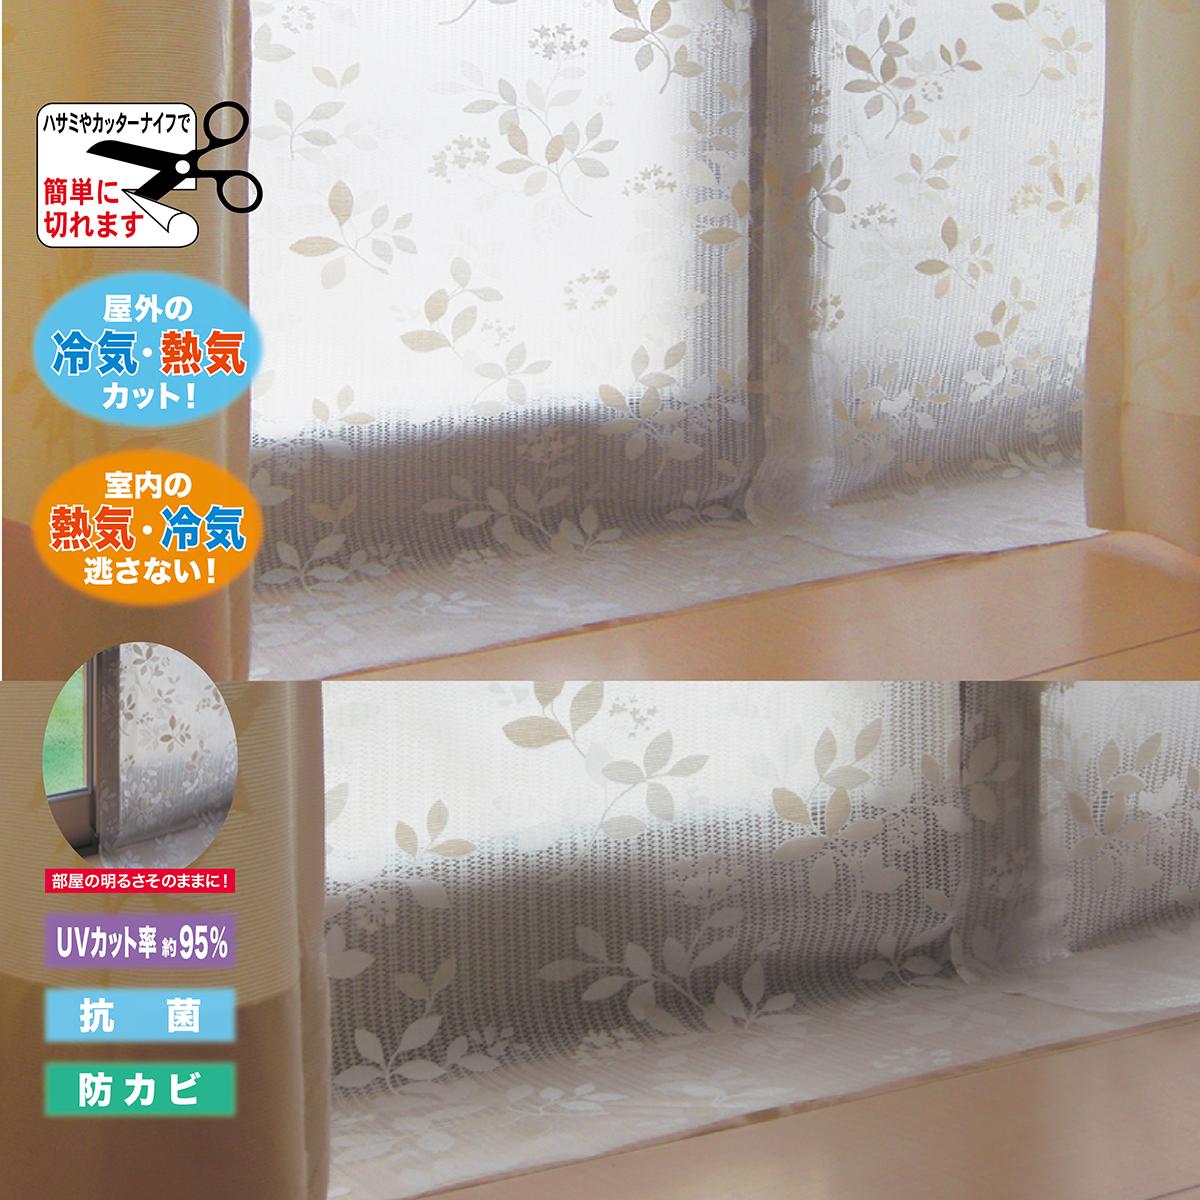 ビニールカーテン コロナシールド かわいい おしゃれ リーフ レース シンプル 窓 冷気を防ぐ 正規認証品!新規格 採光 暖房 UVカット 冷房 超人気 aa 防カビ 断熱 100cmx140cmx2枚入り 省エネ 断熱カーテンライナー採光タイプ 抗菌 レースリーフ